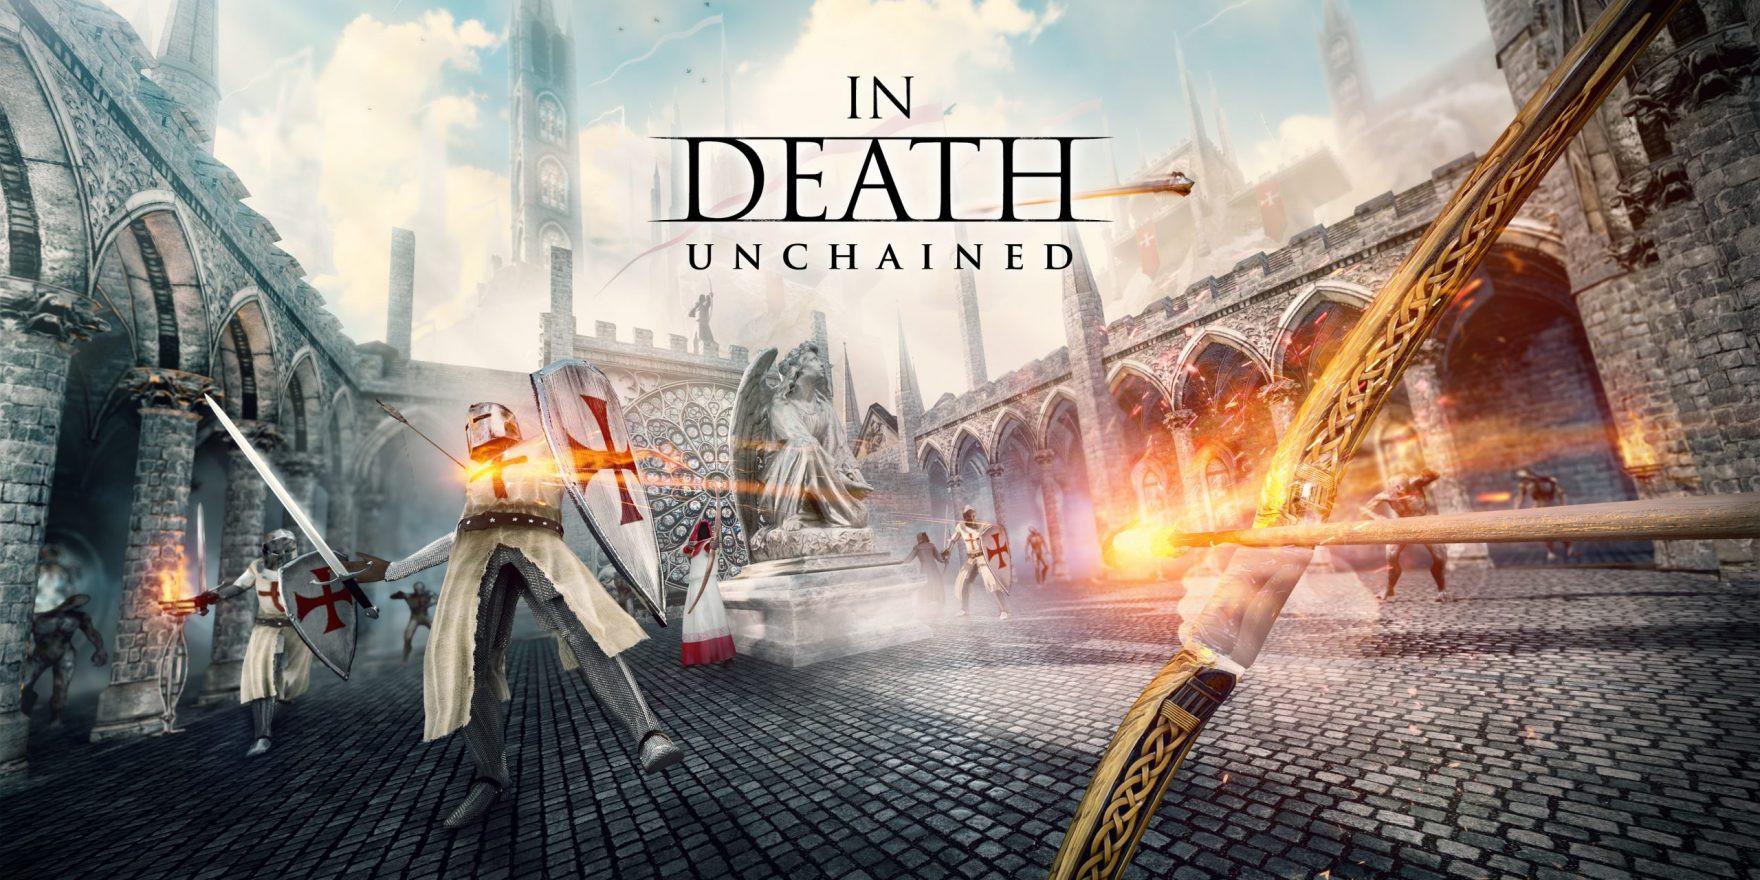 In Death: Unchained – einmal zur Hölle und zurück